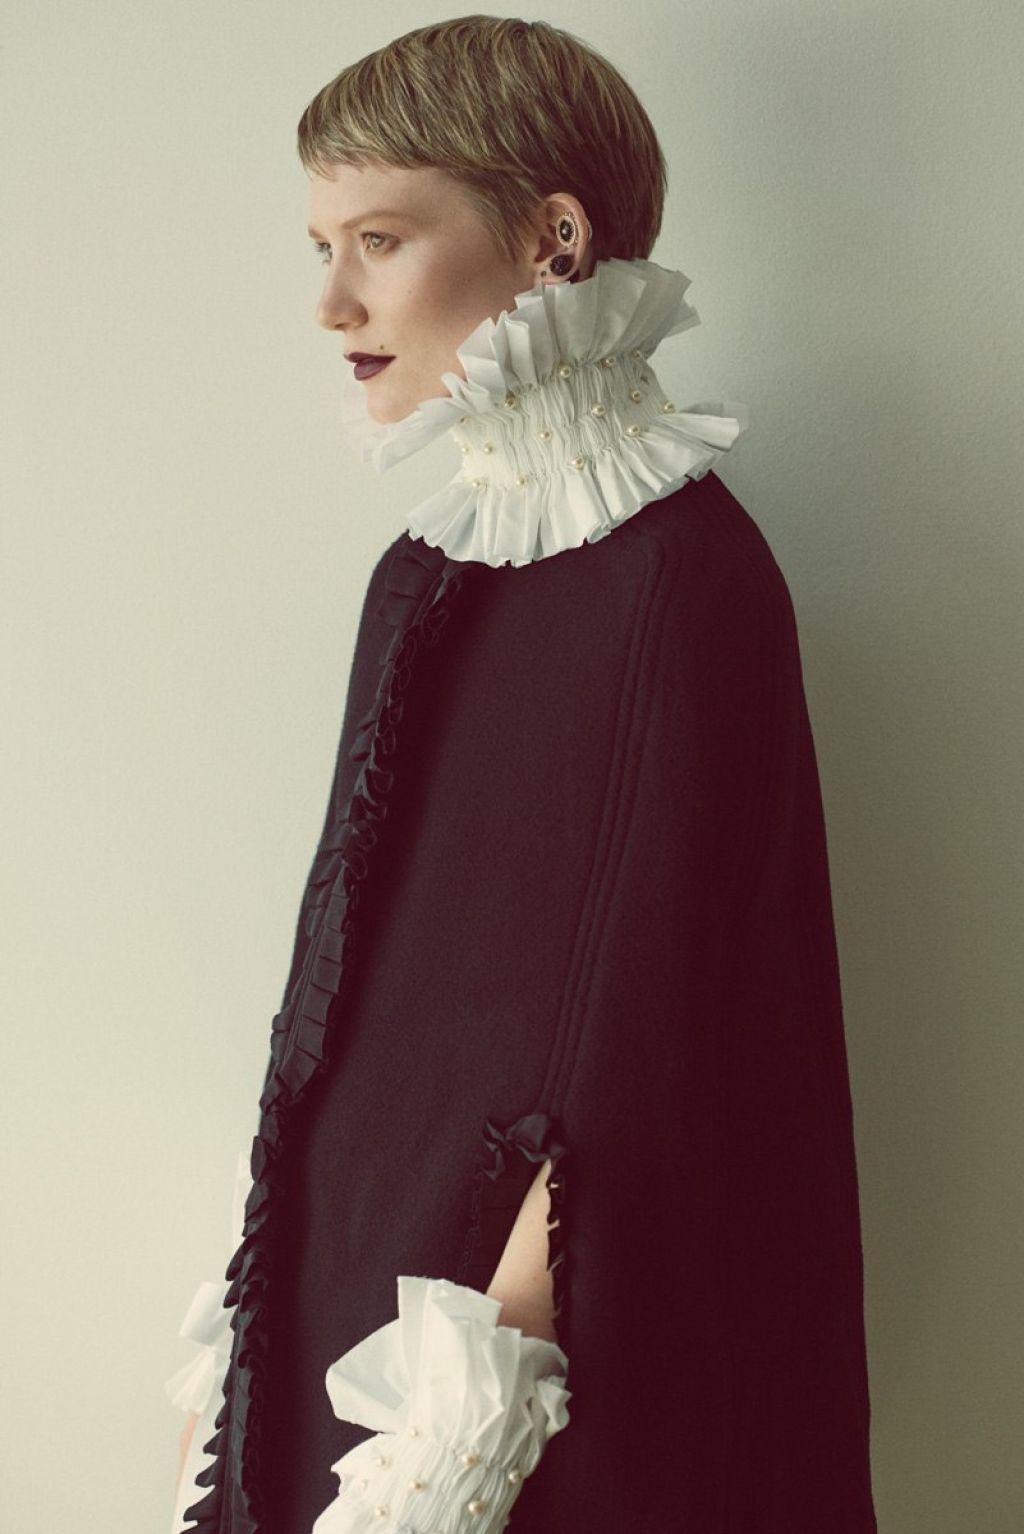 Photoshoot For Vogue Magazine November 2015: Photoshoot For Flaunt Magazine, 2015